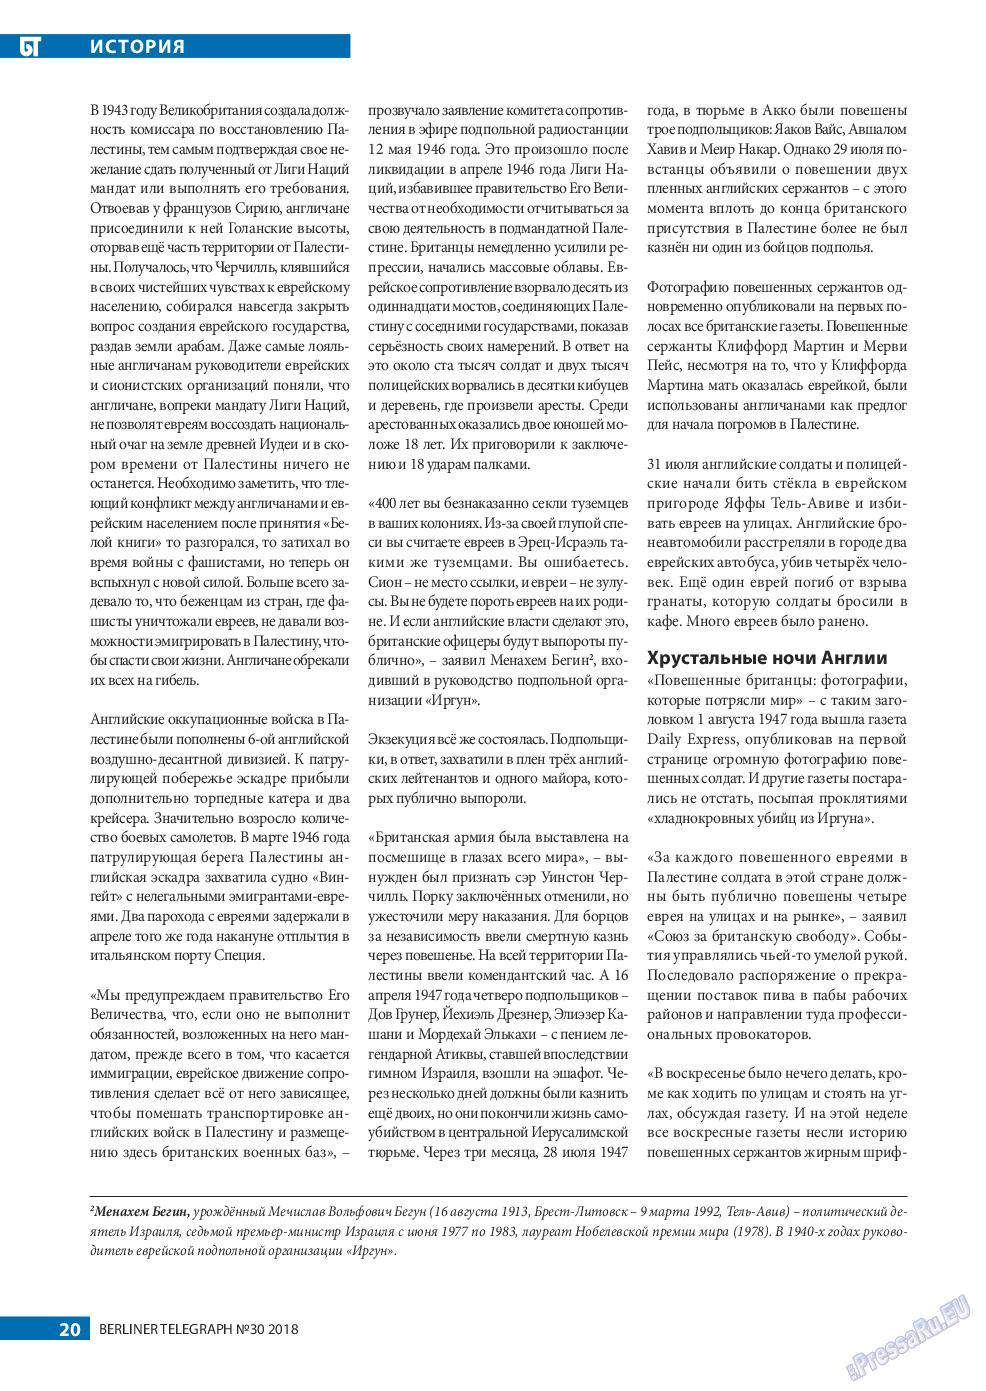 Берлинский телеграф (журнал). 2018 год, номер 30, стр. 20